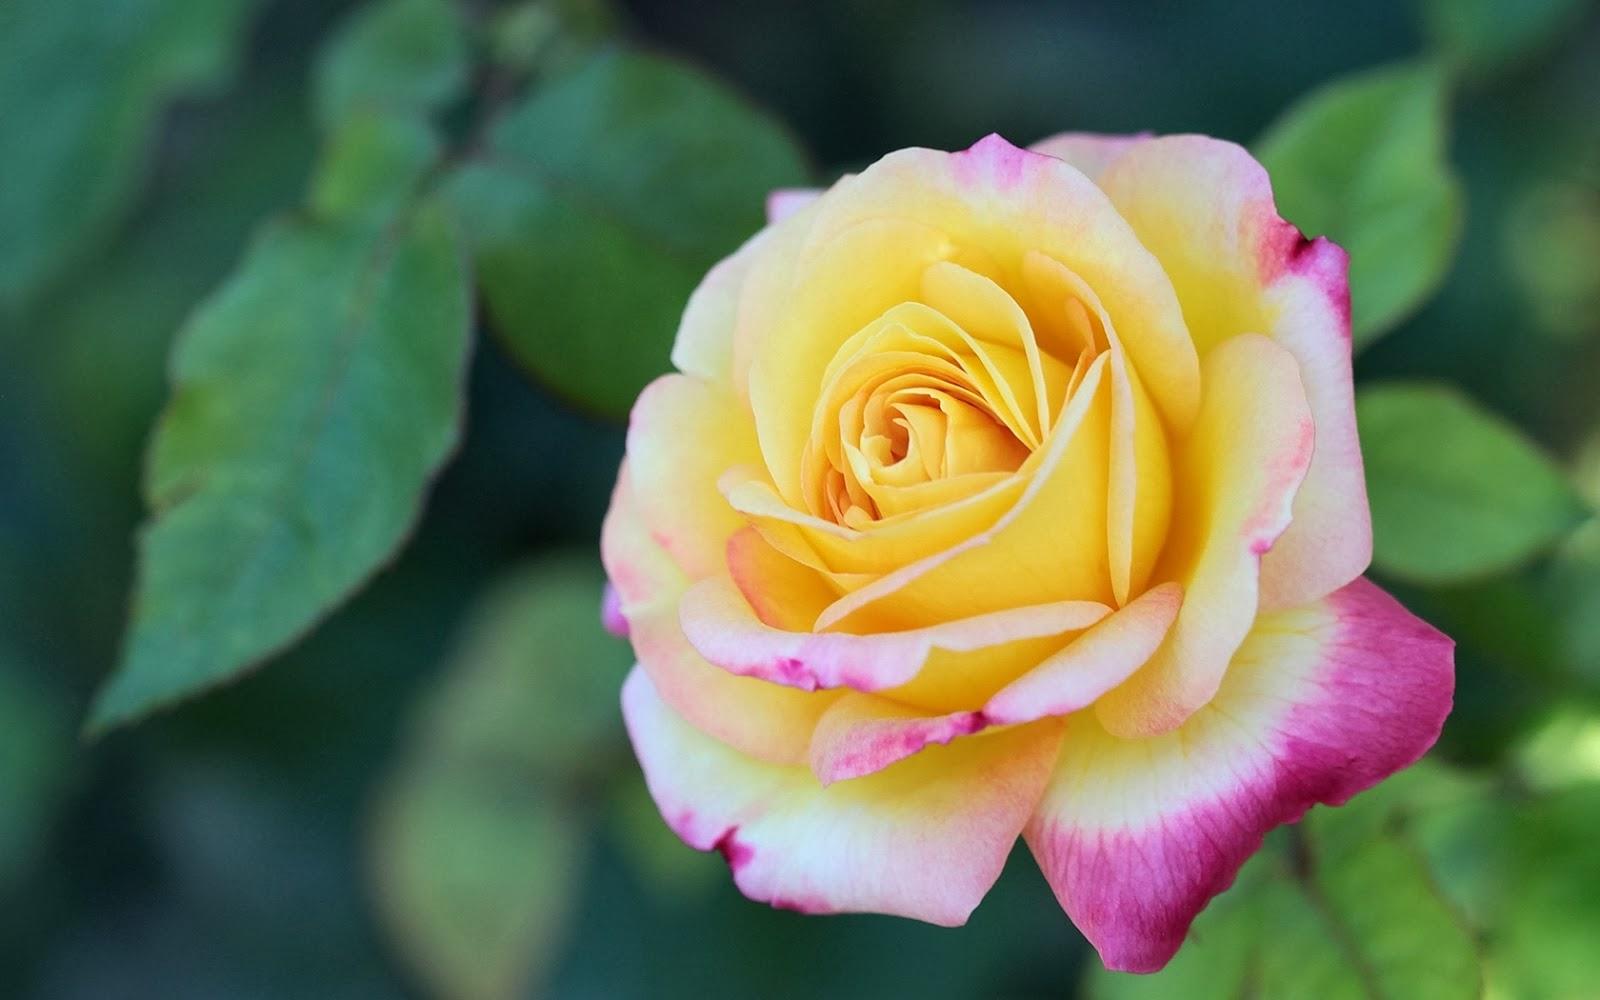 Imagenes hermosas de flores - Fotos Bonitas de Amor